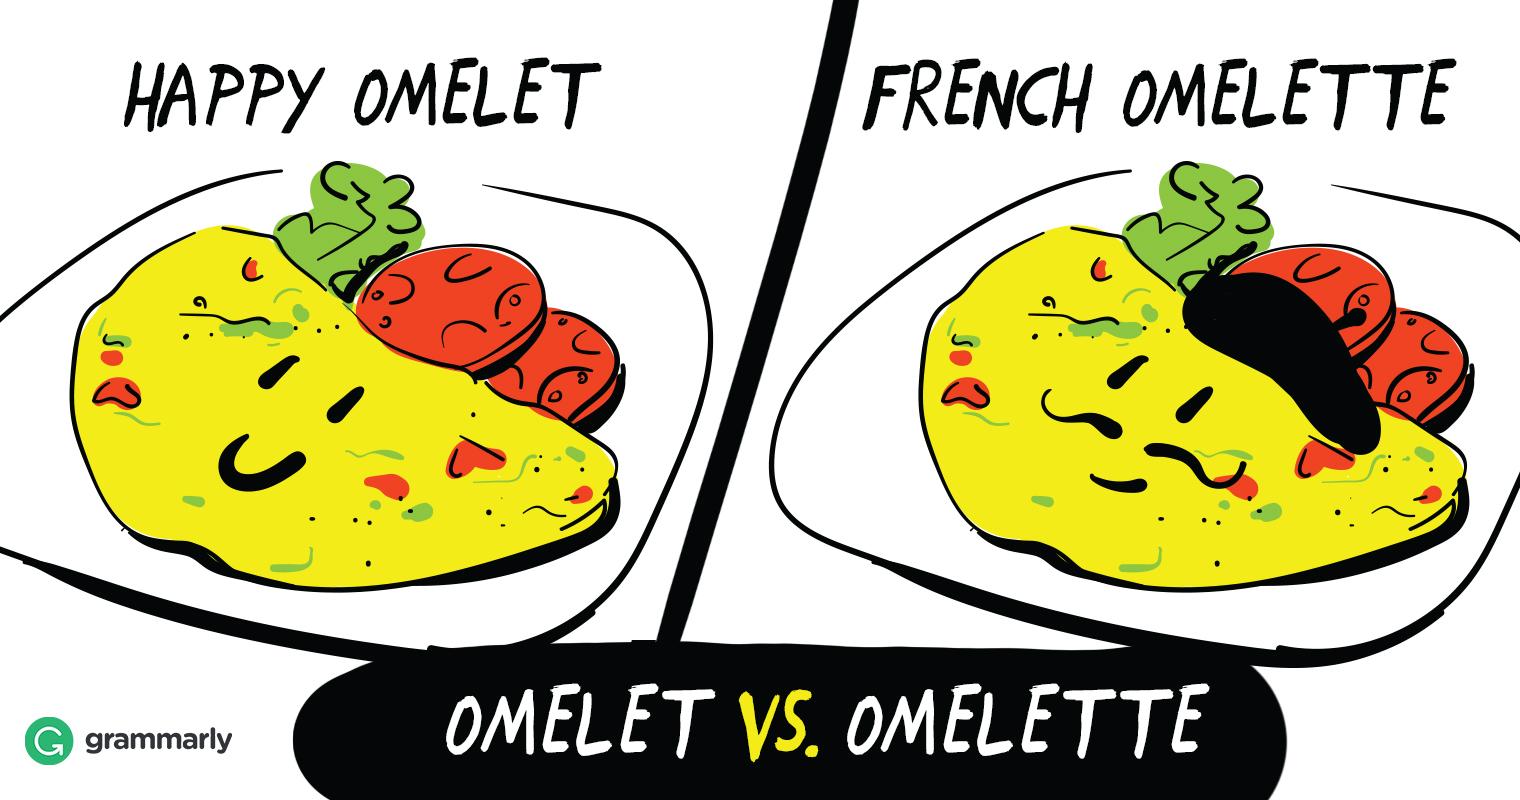 Omelet vs. Omelette image